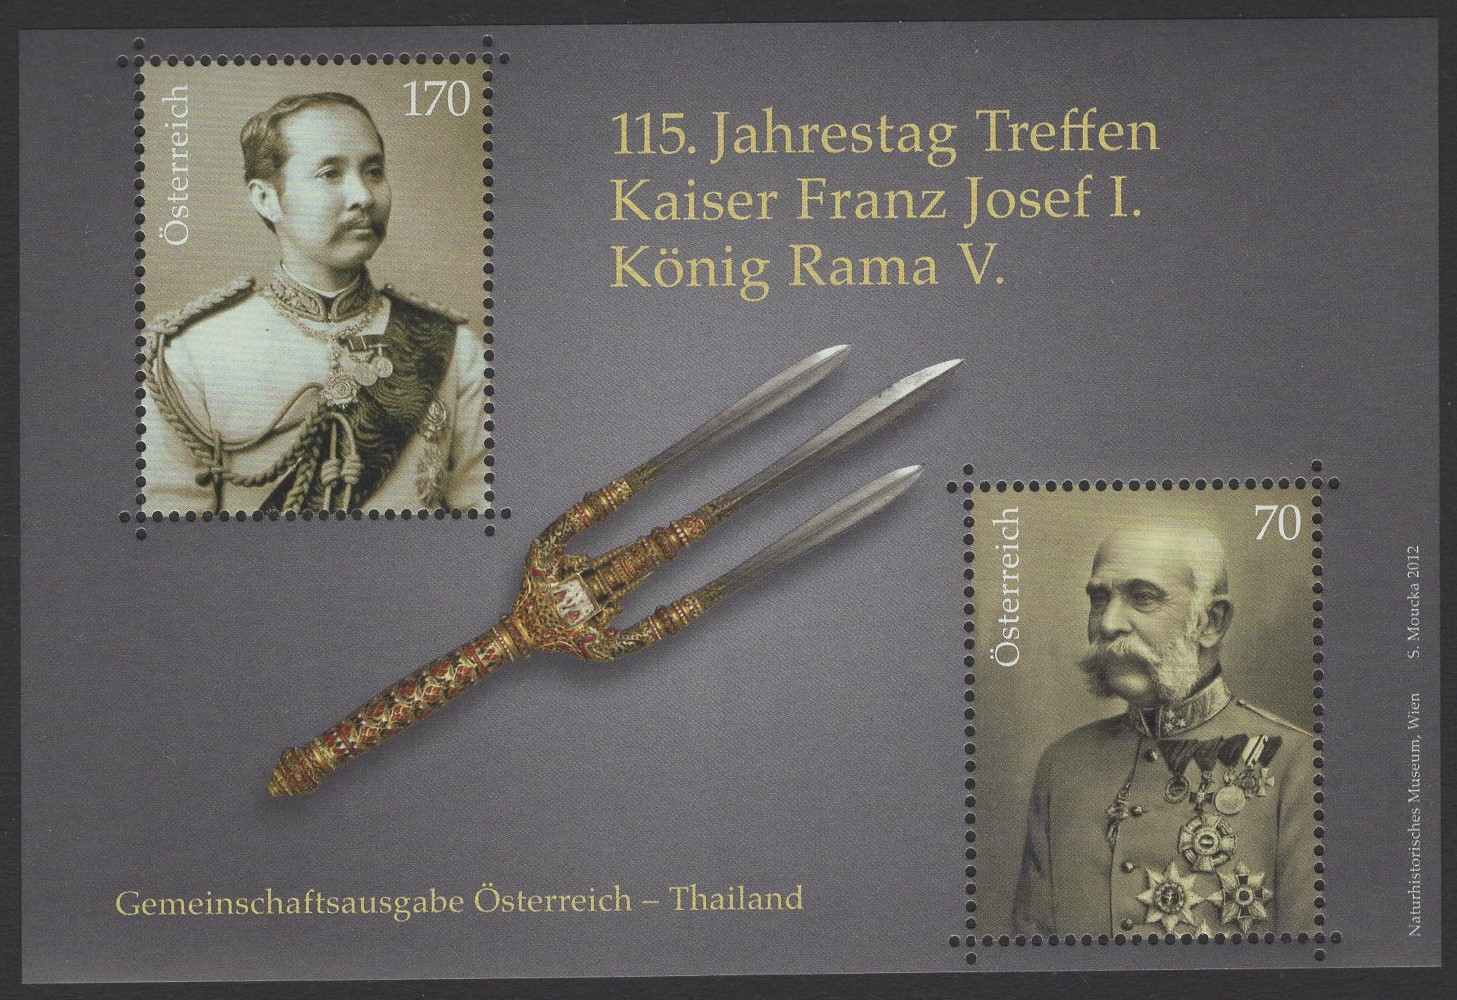 Österreich - Block 072 - postfrisch - Kaiser Franz Josef & König Rama